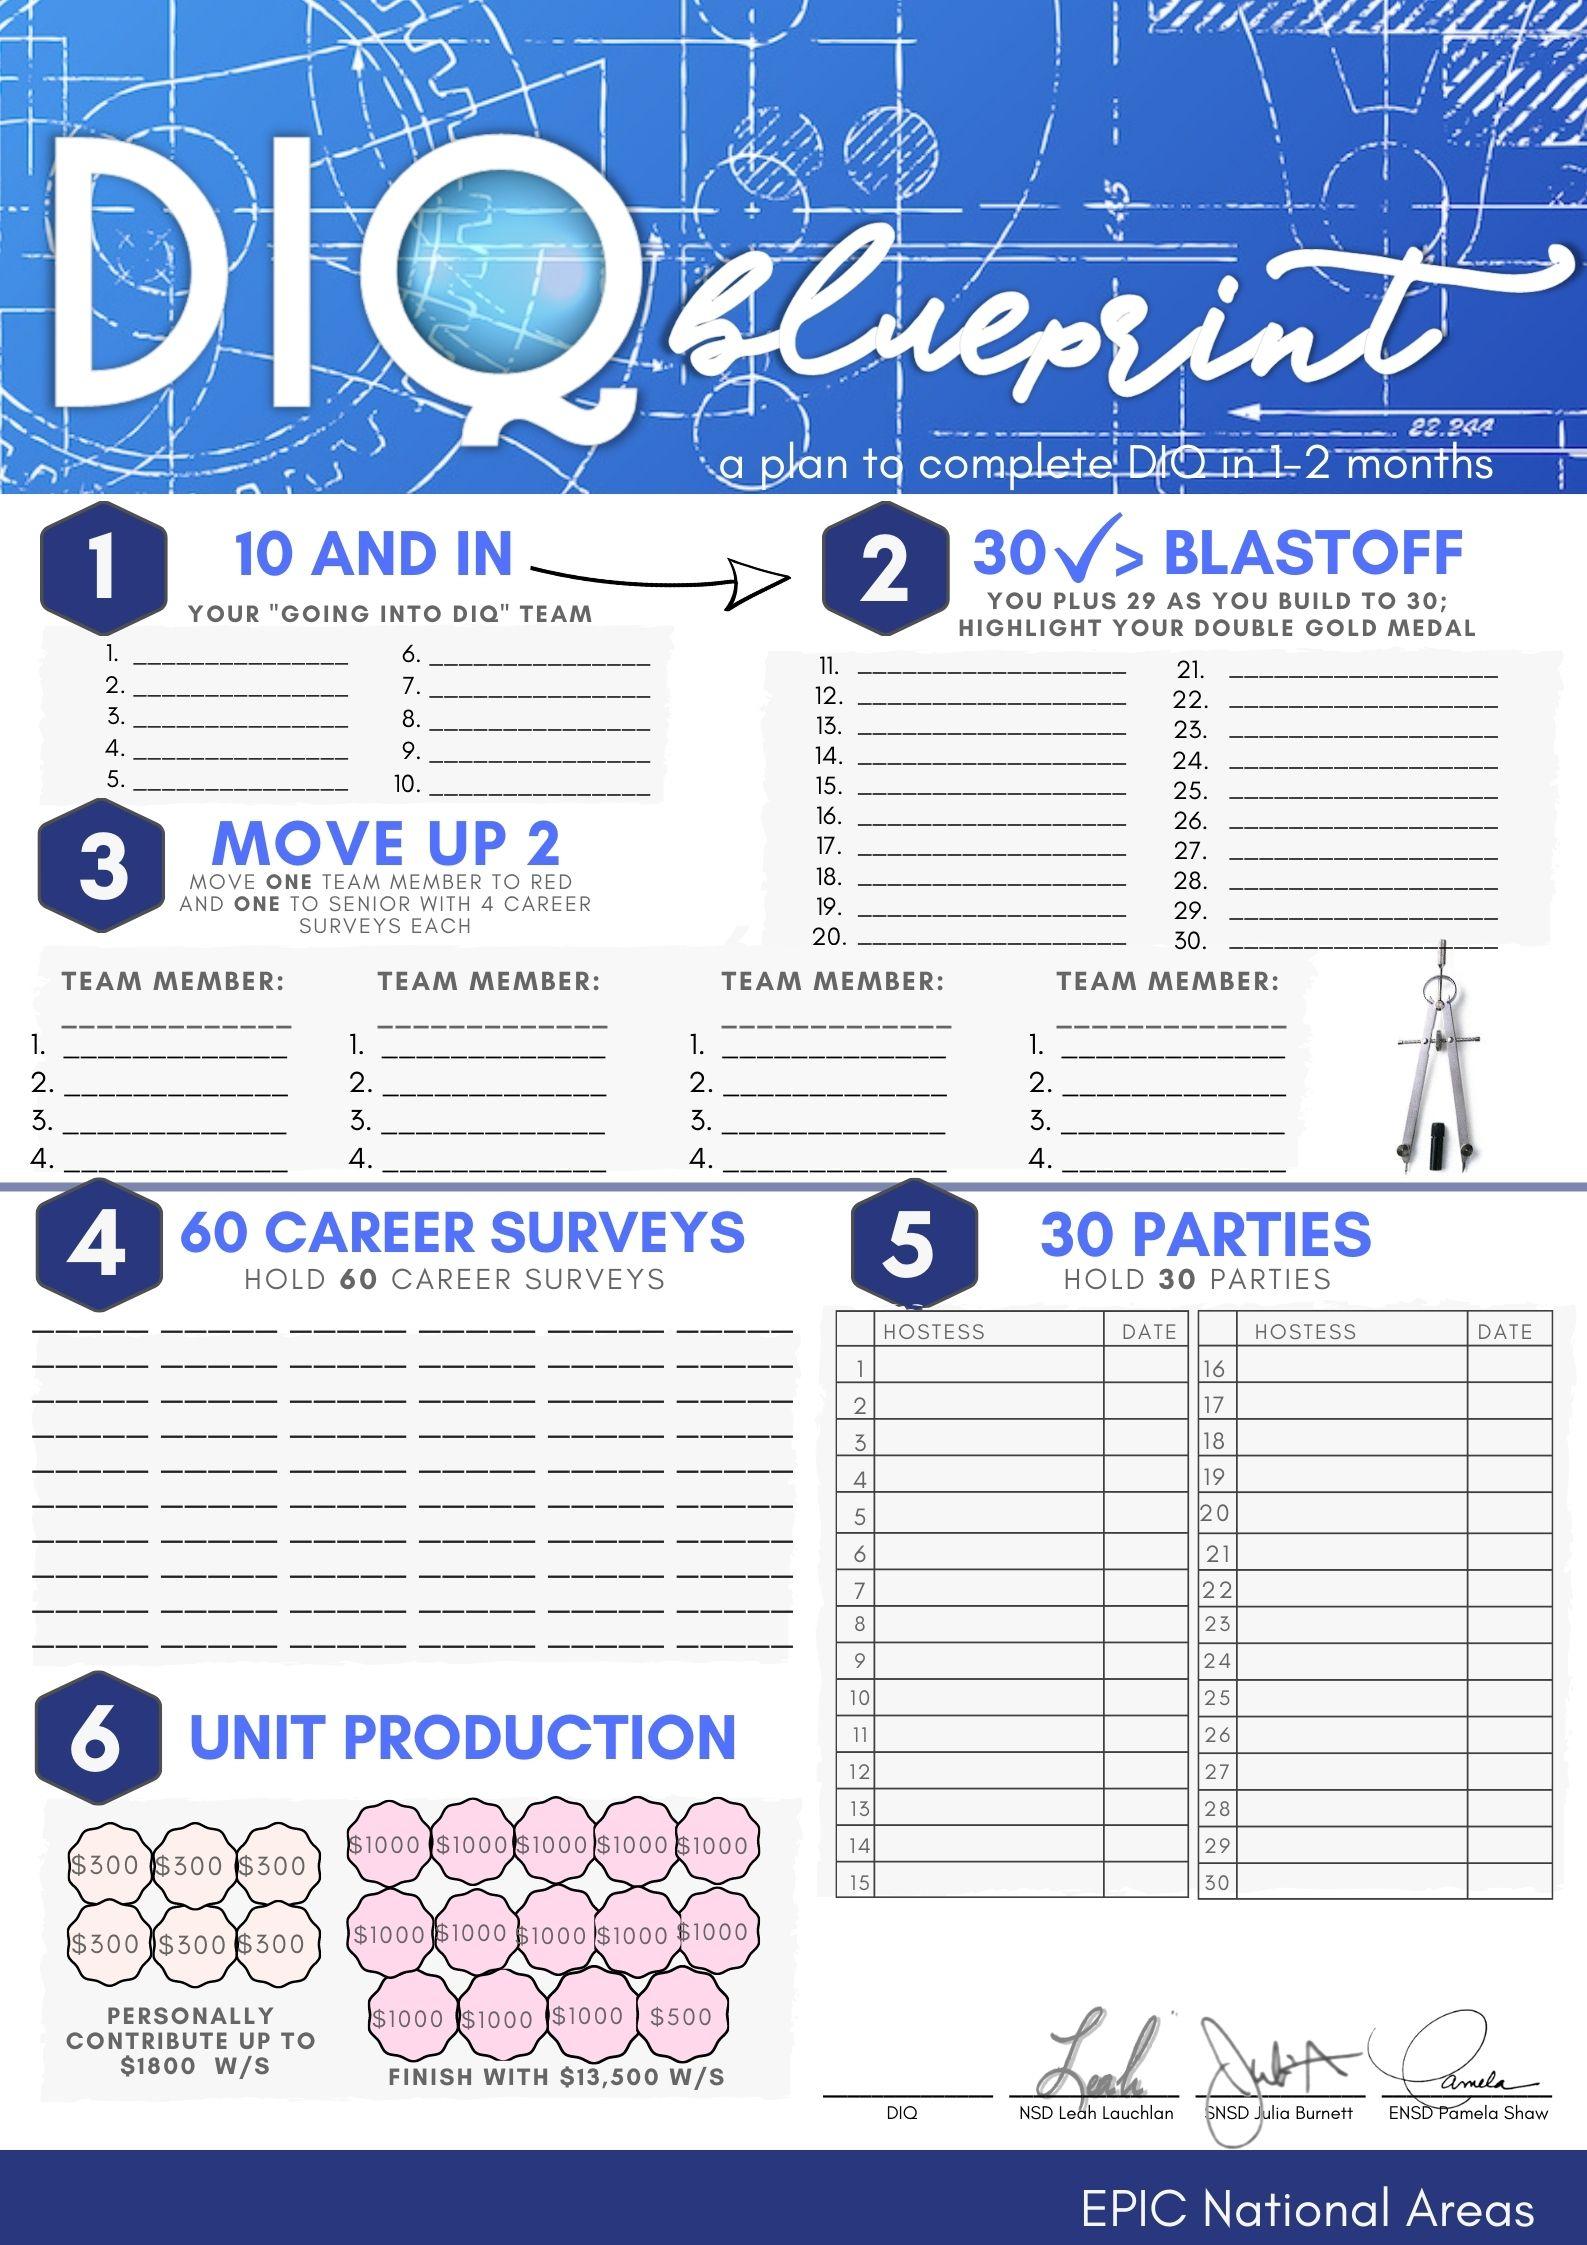 diq blueprint with signatures 3421